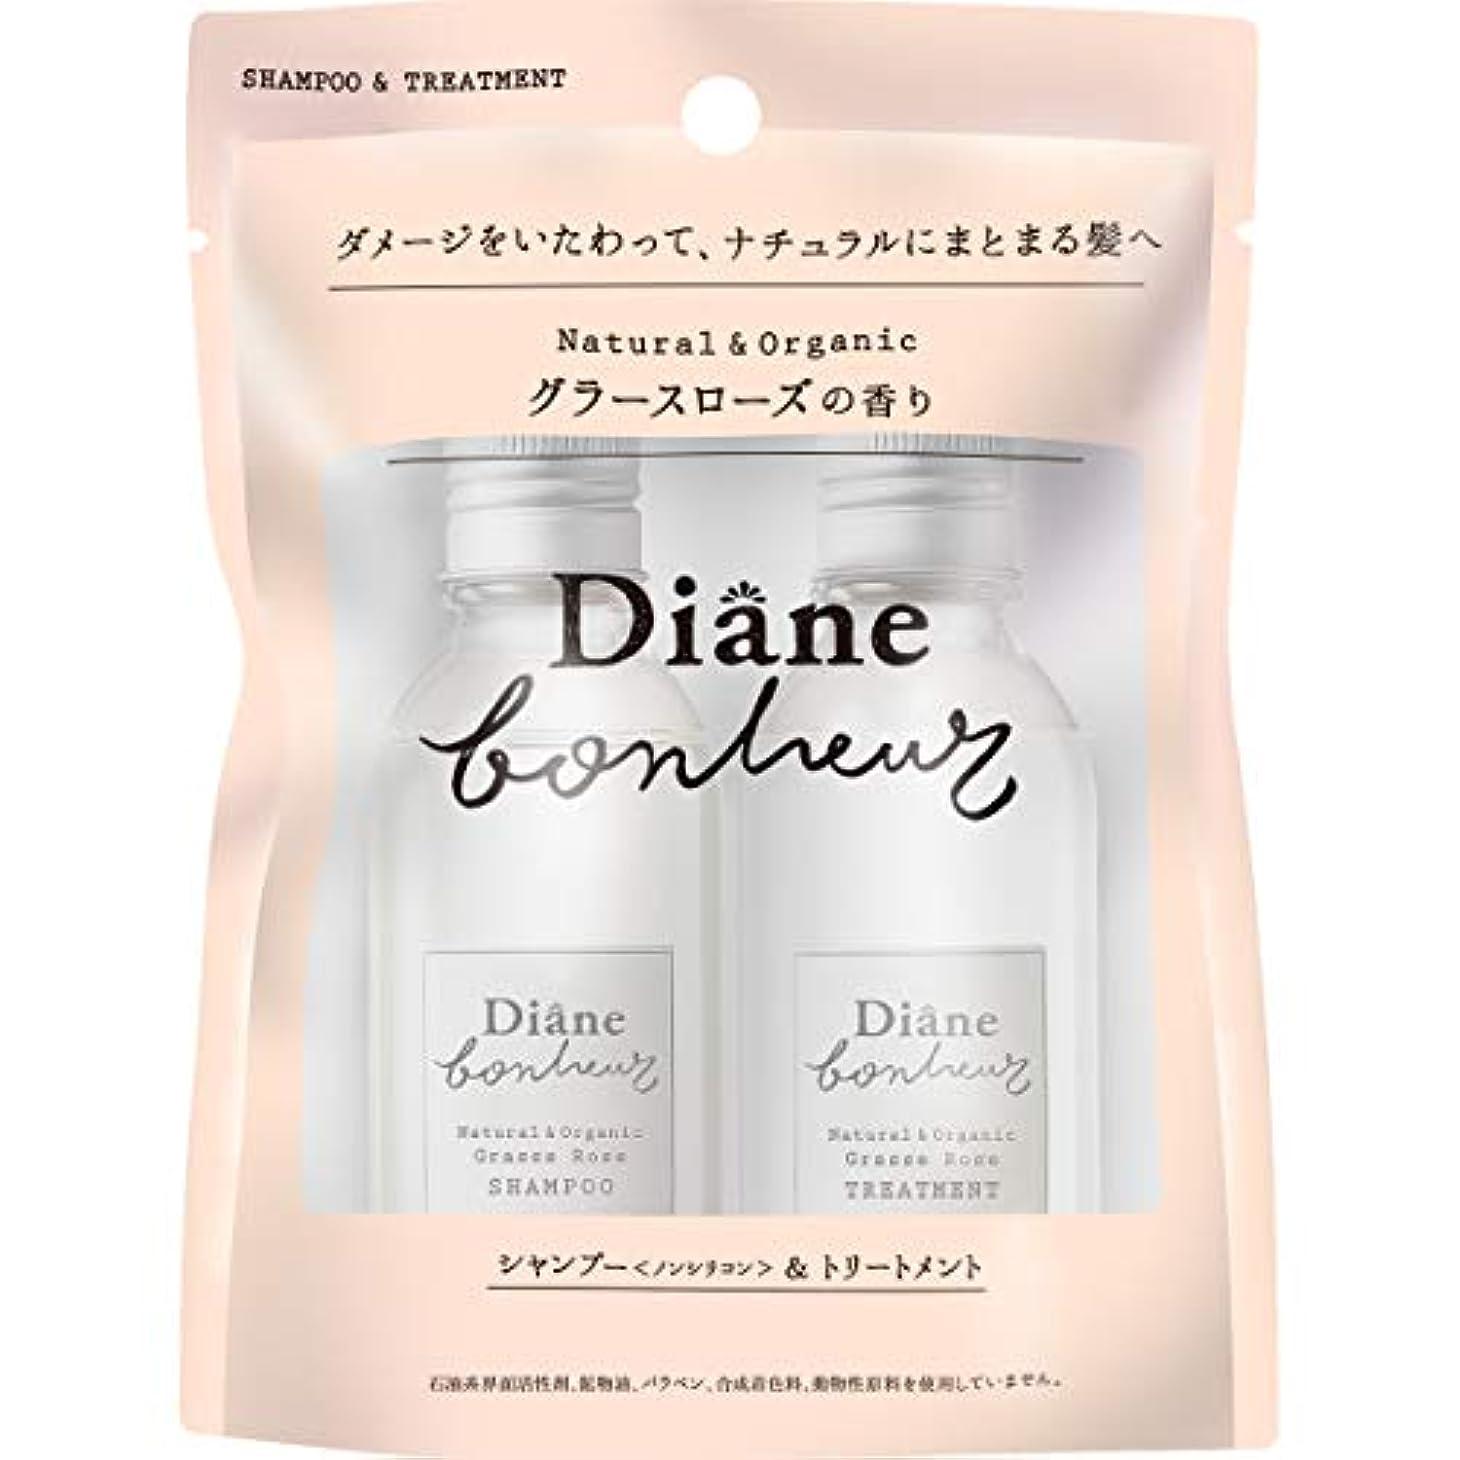 前つまらない想定ダイアン ボヌール グラースローズの香り ダメージリペア シャンプー&トリートメント トライアル 40ml×2